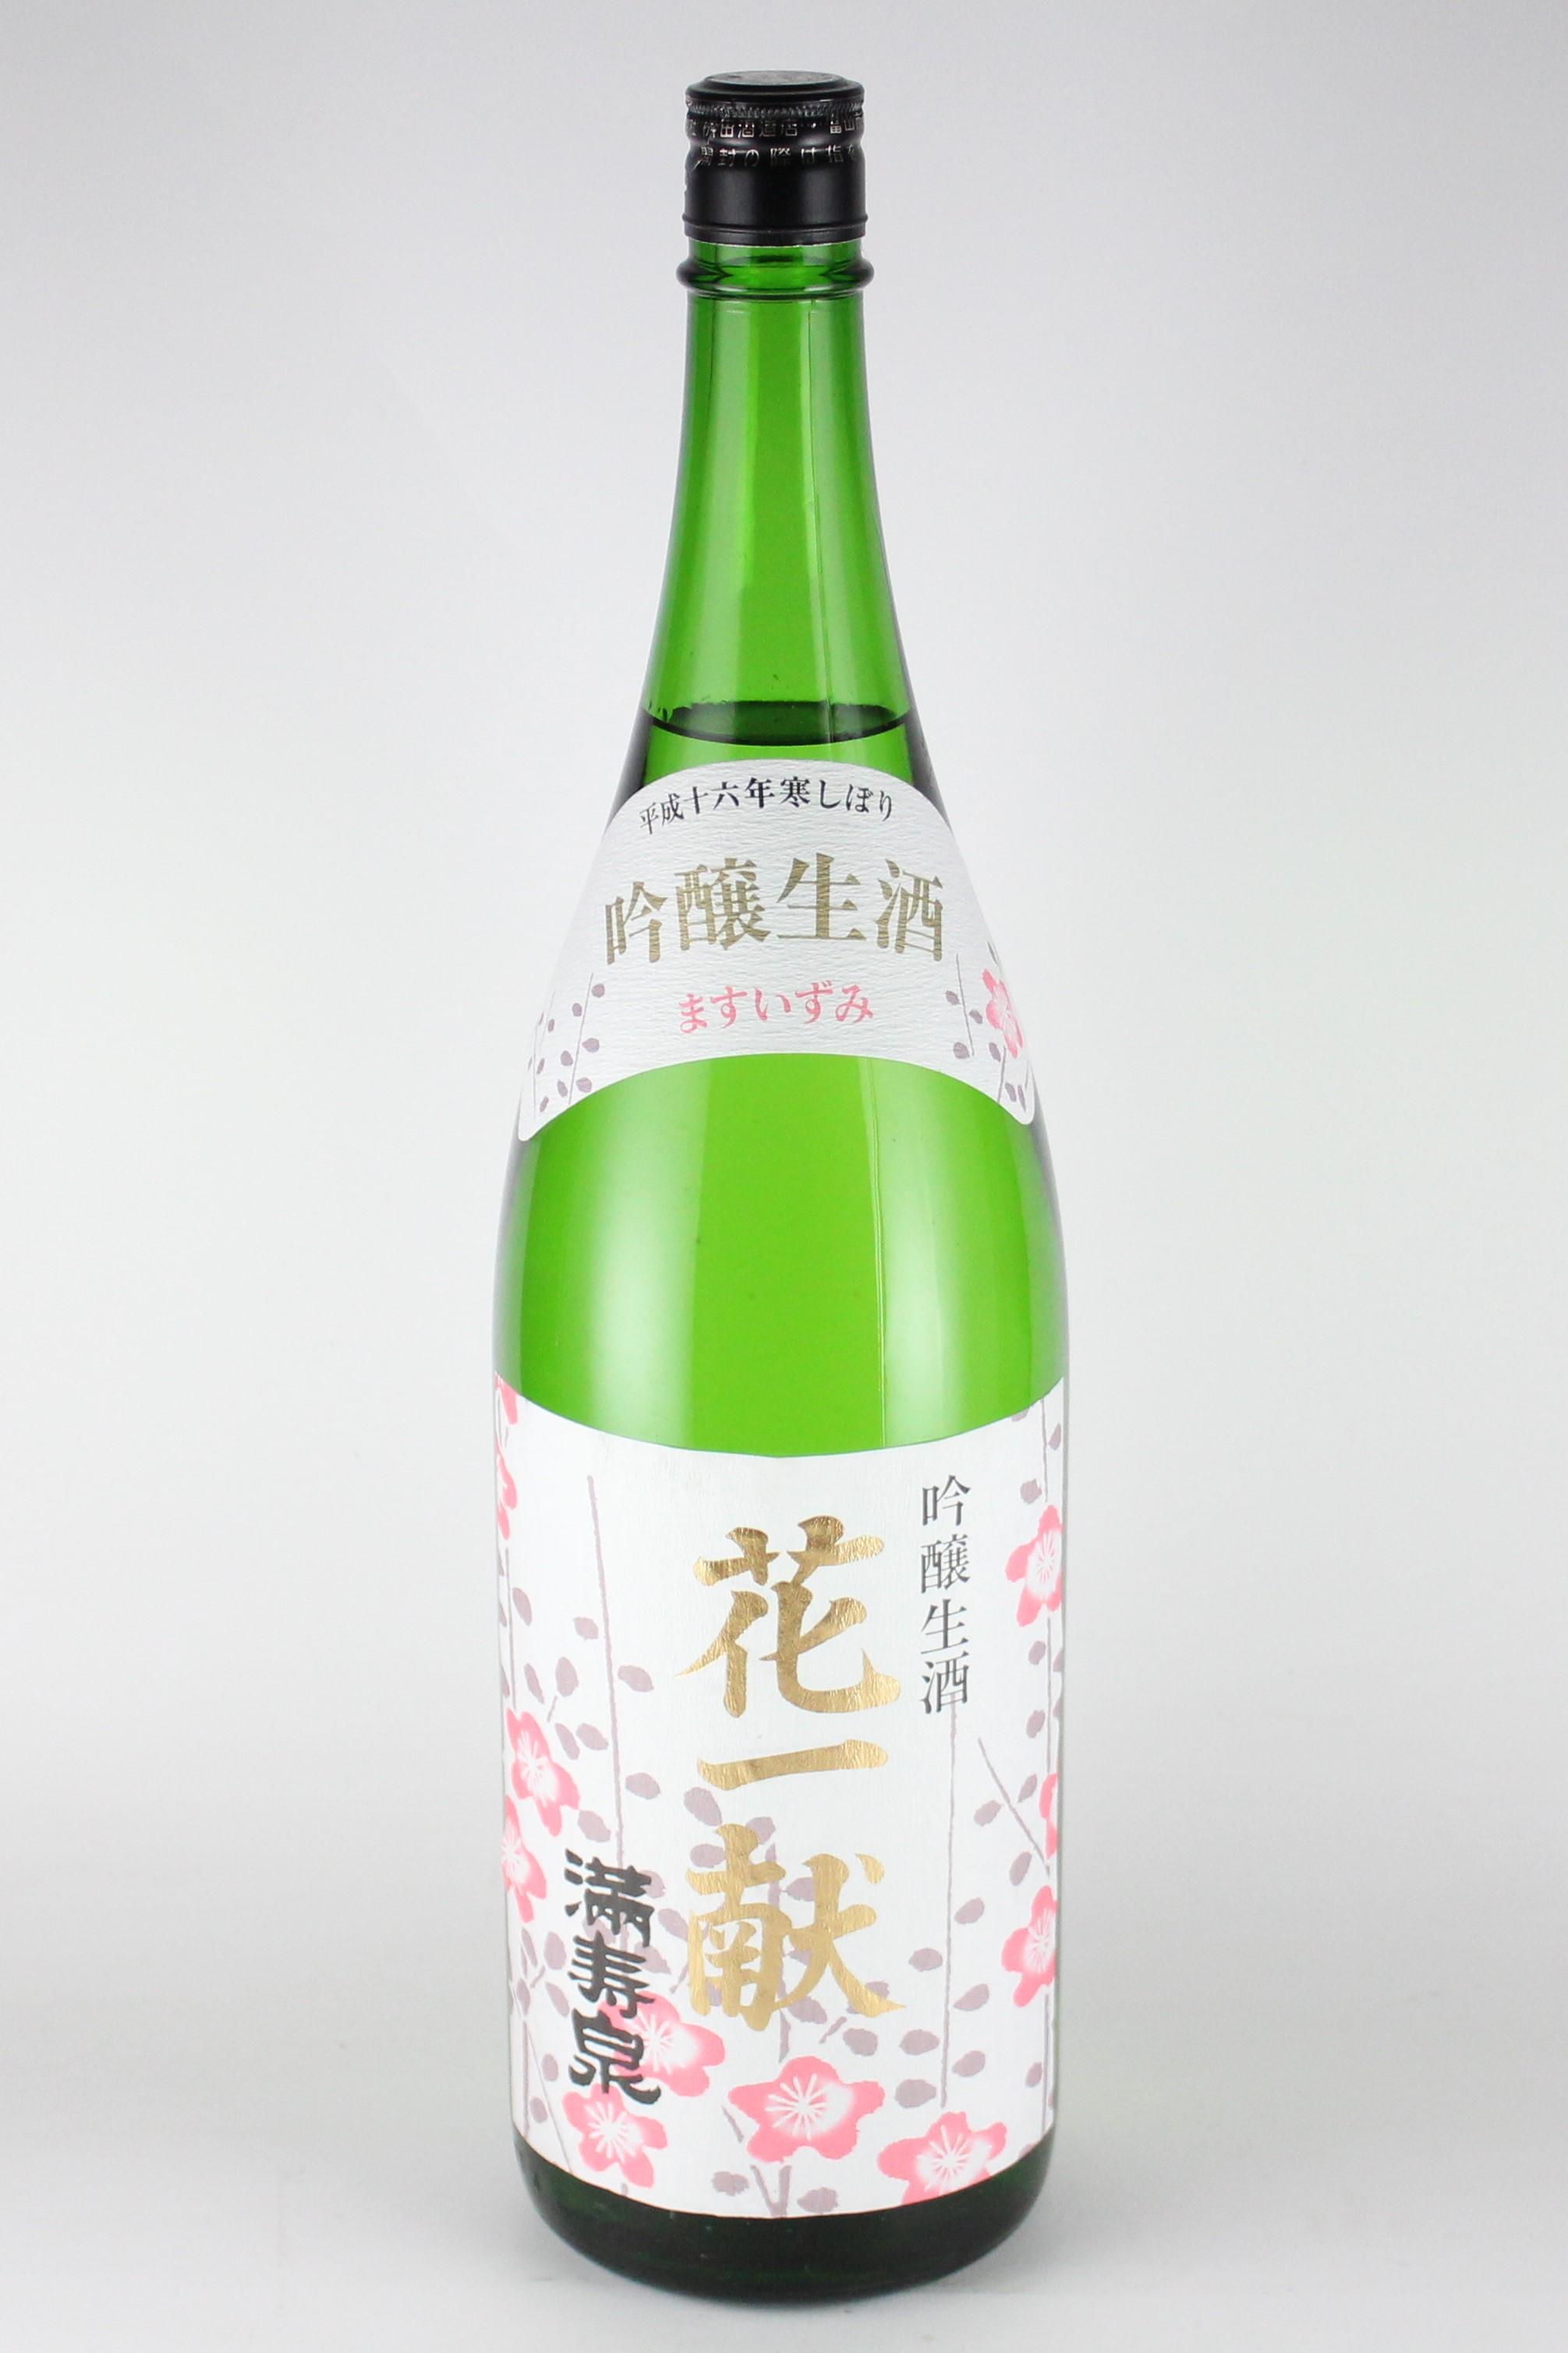 鶴齢 特別純米無濾過生原酒 山田錦 平成28醸造年度 720ml 【新潟/青木酒造】